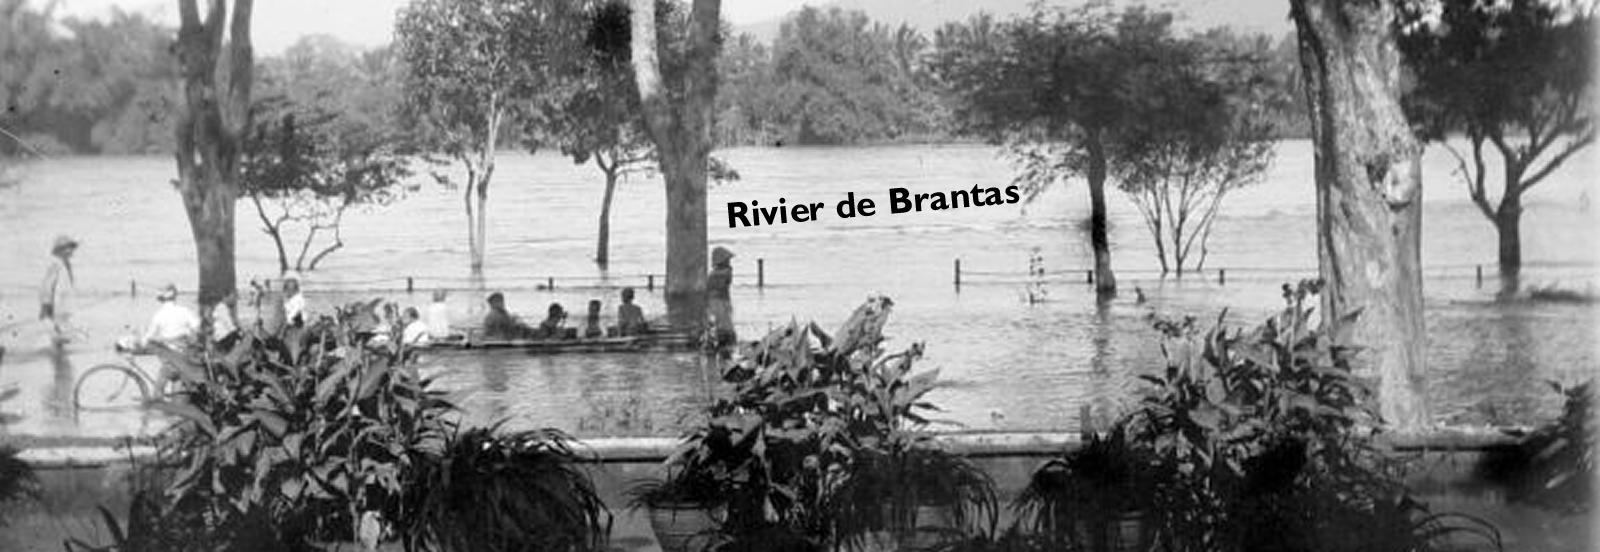 Rivier de Brantas archieffoto. Bron: Tropenmuseum